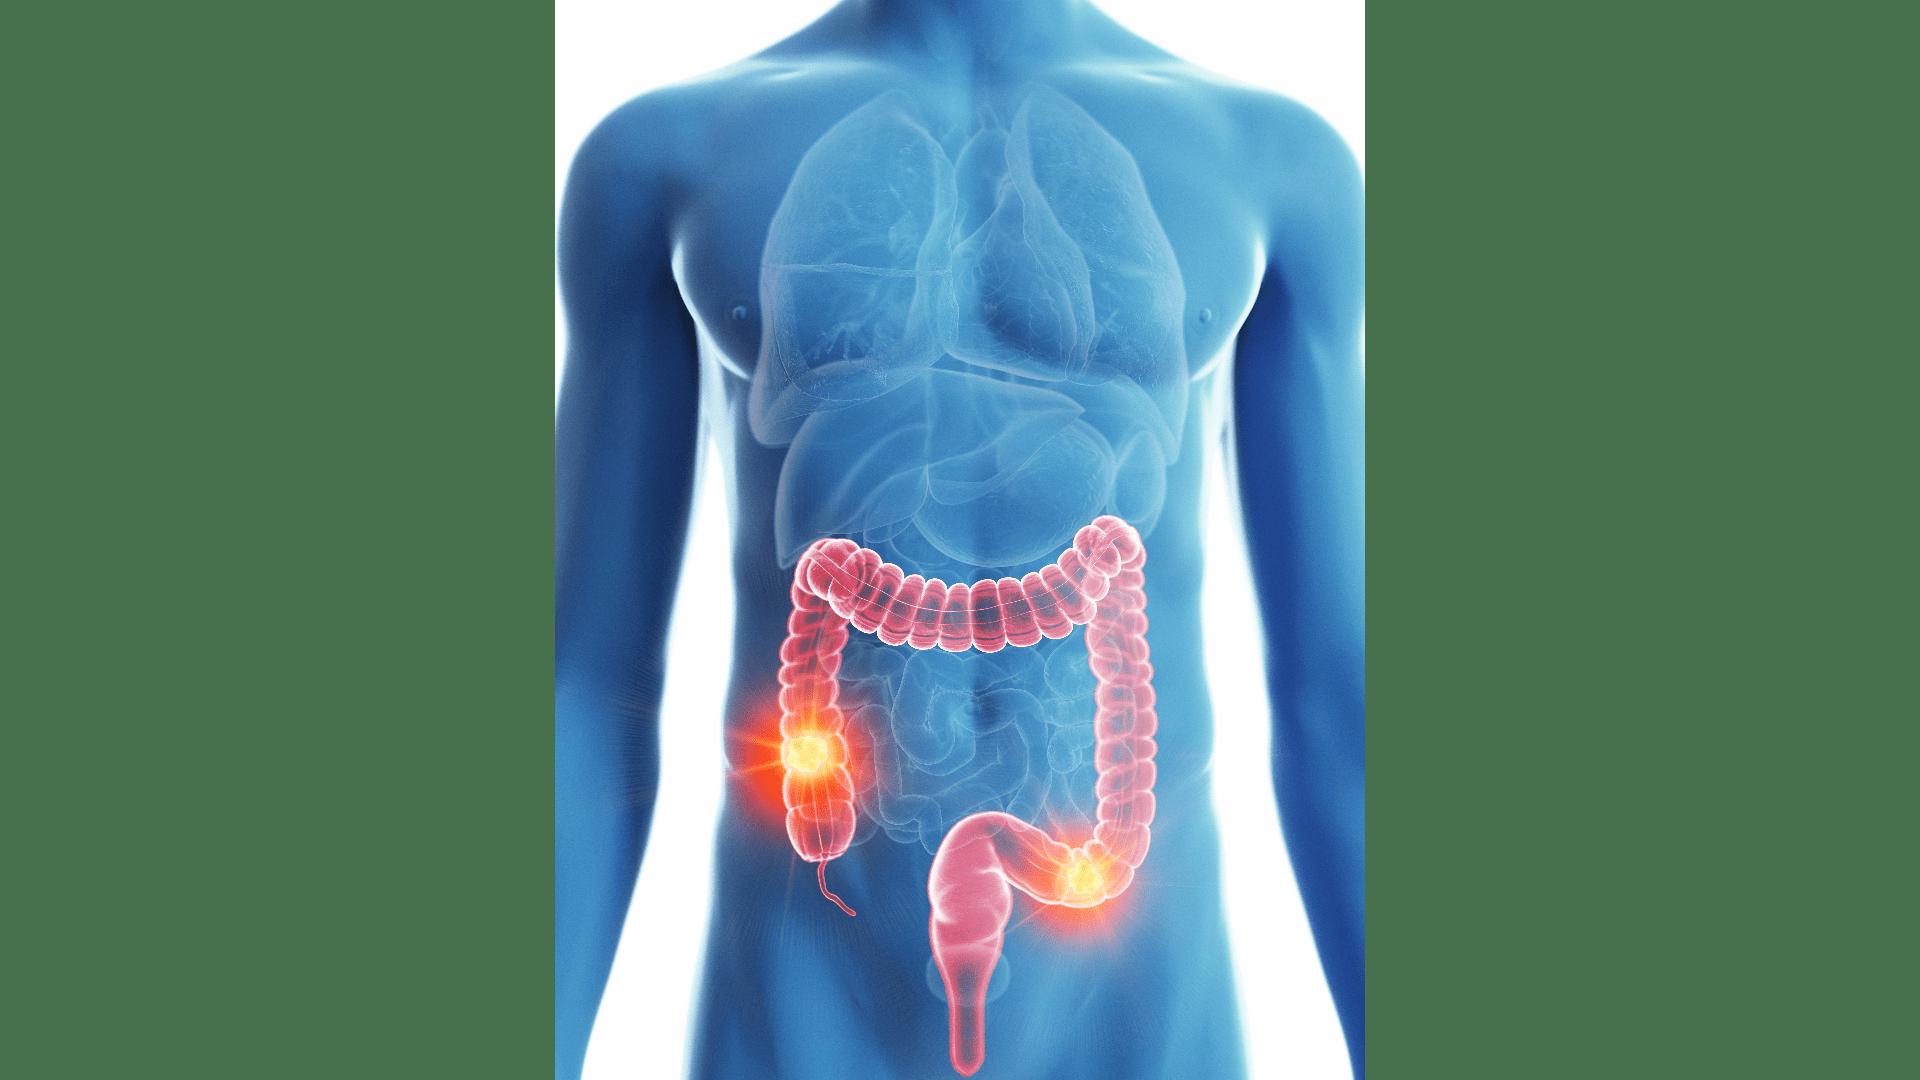 Darmkrebs Beschreibung und Definition